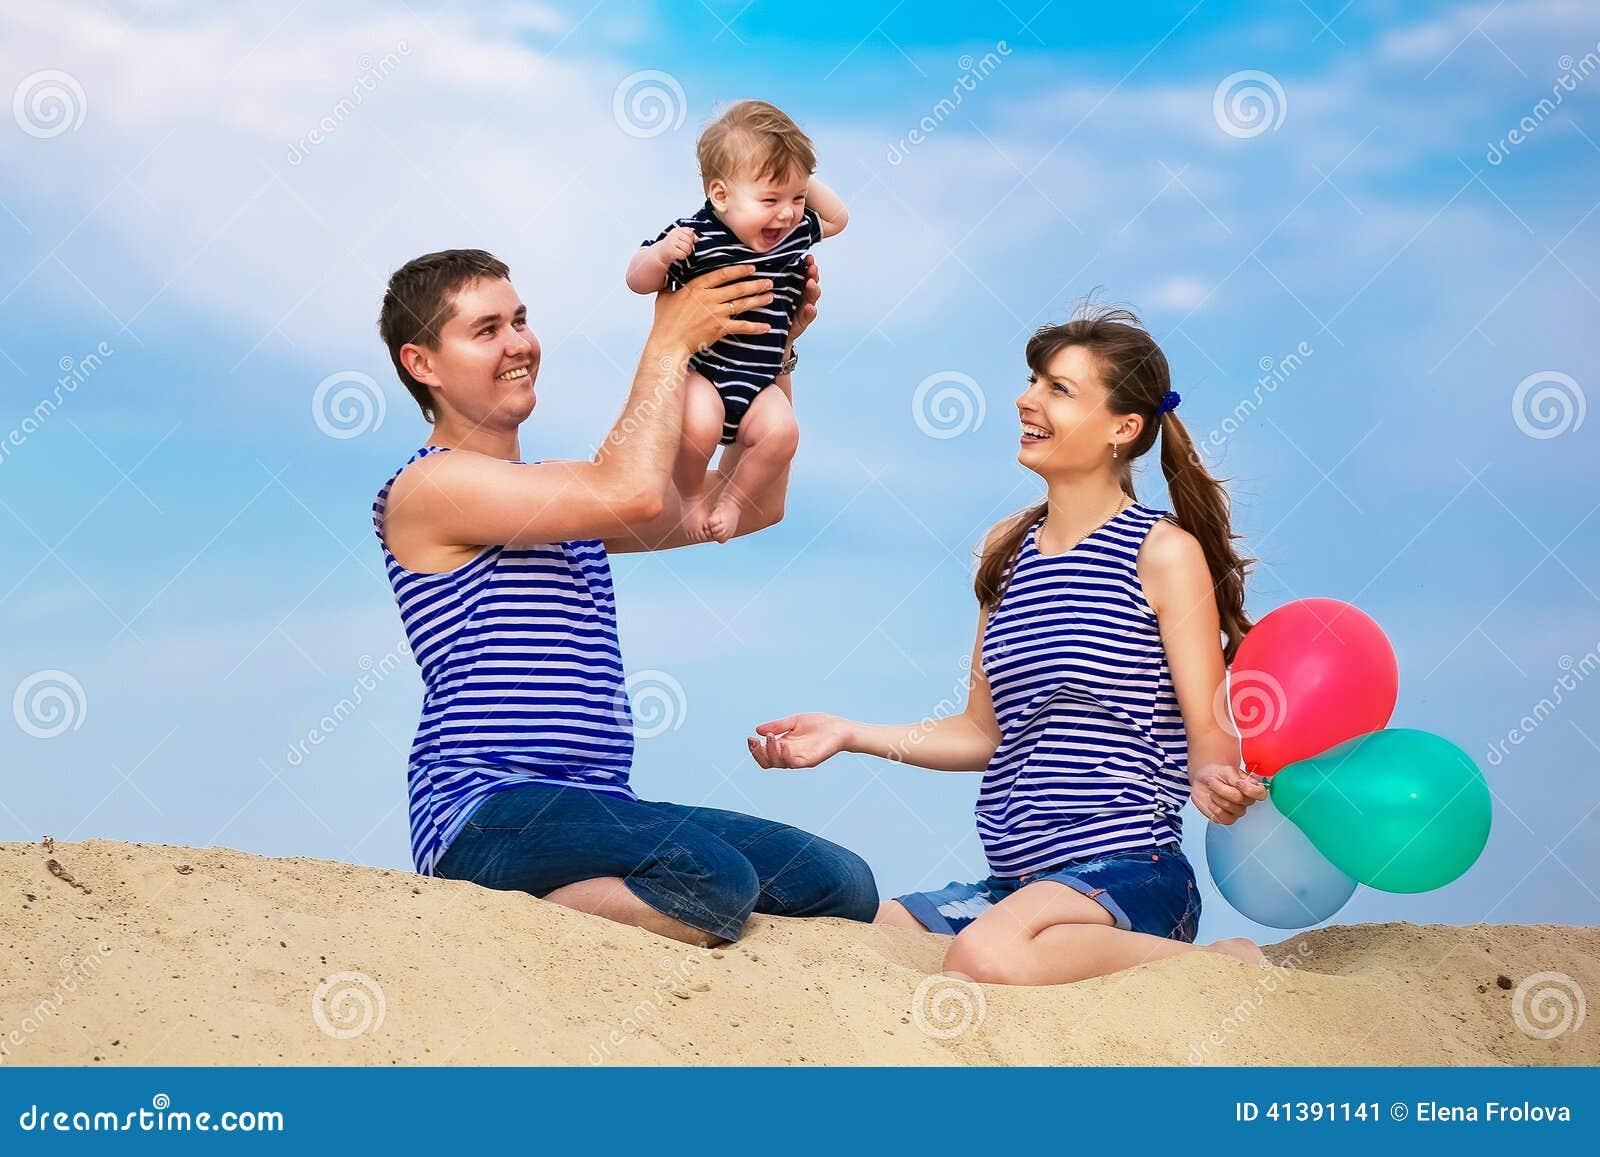 Счастливая семья в лесу - мама, папа и две девочки 38